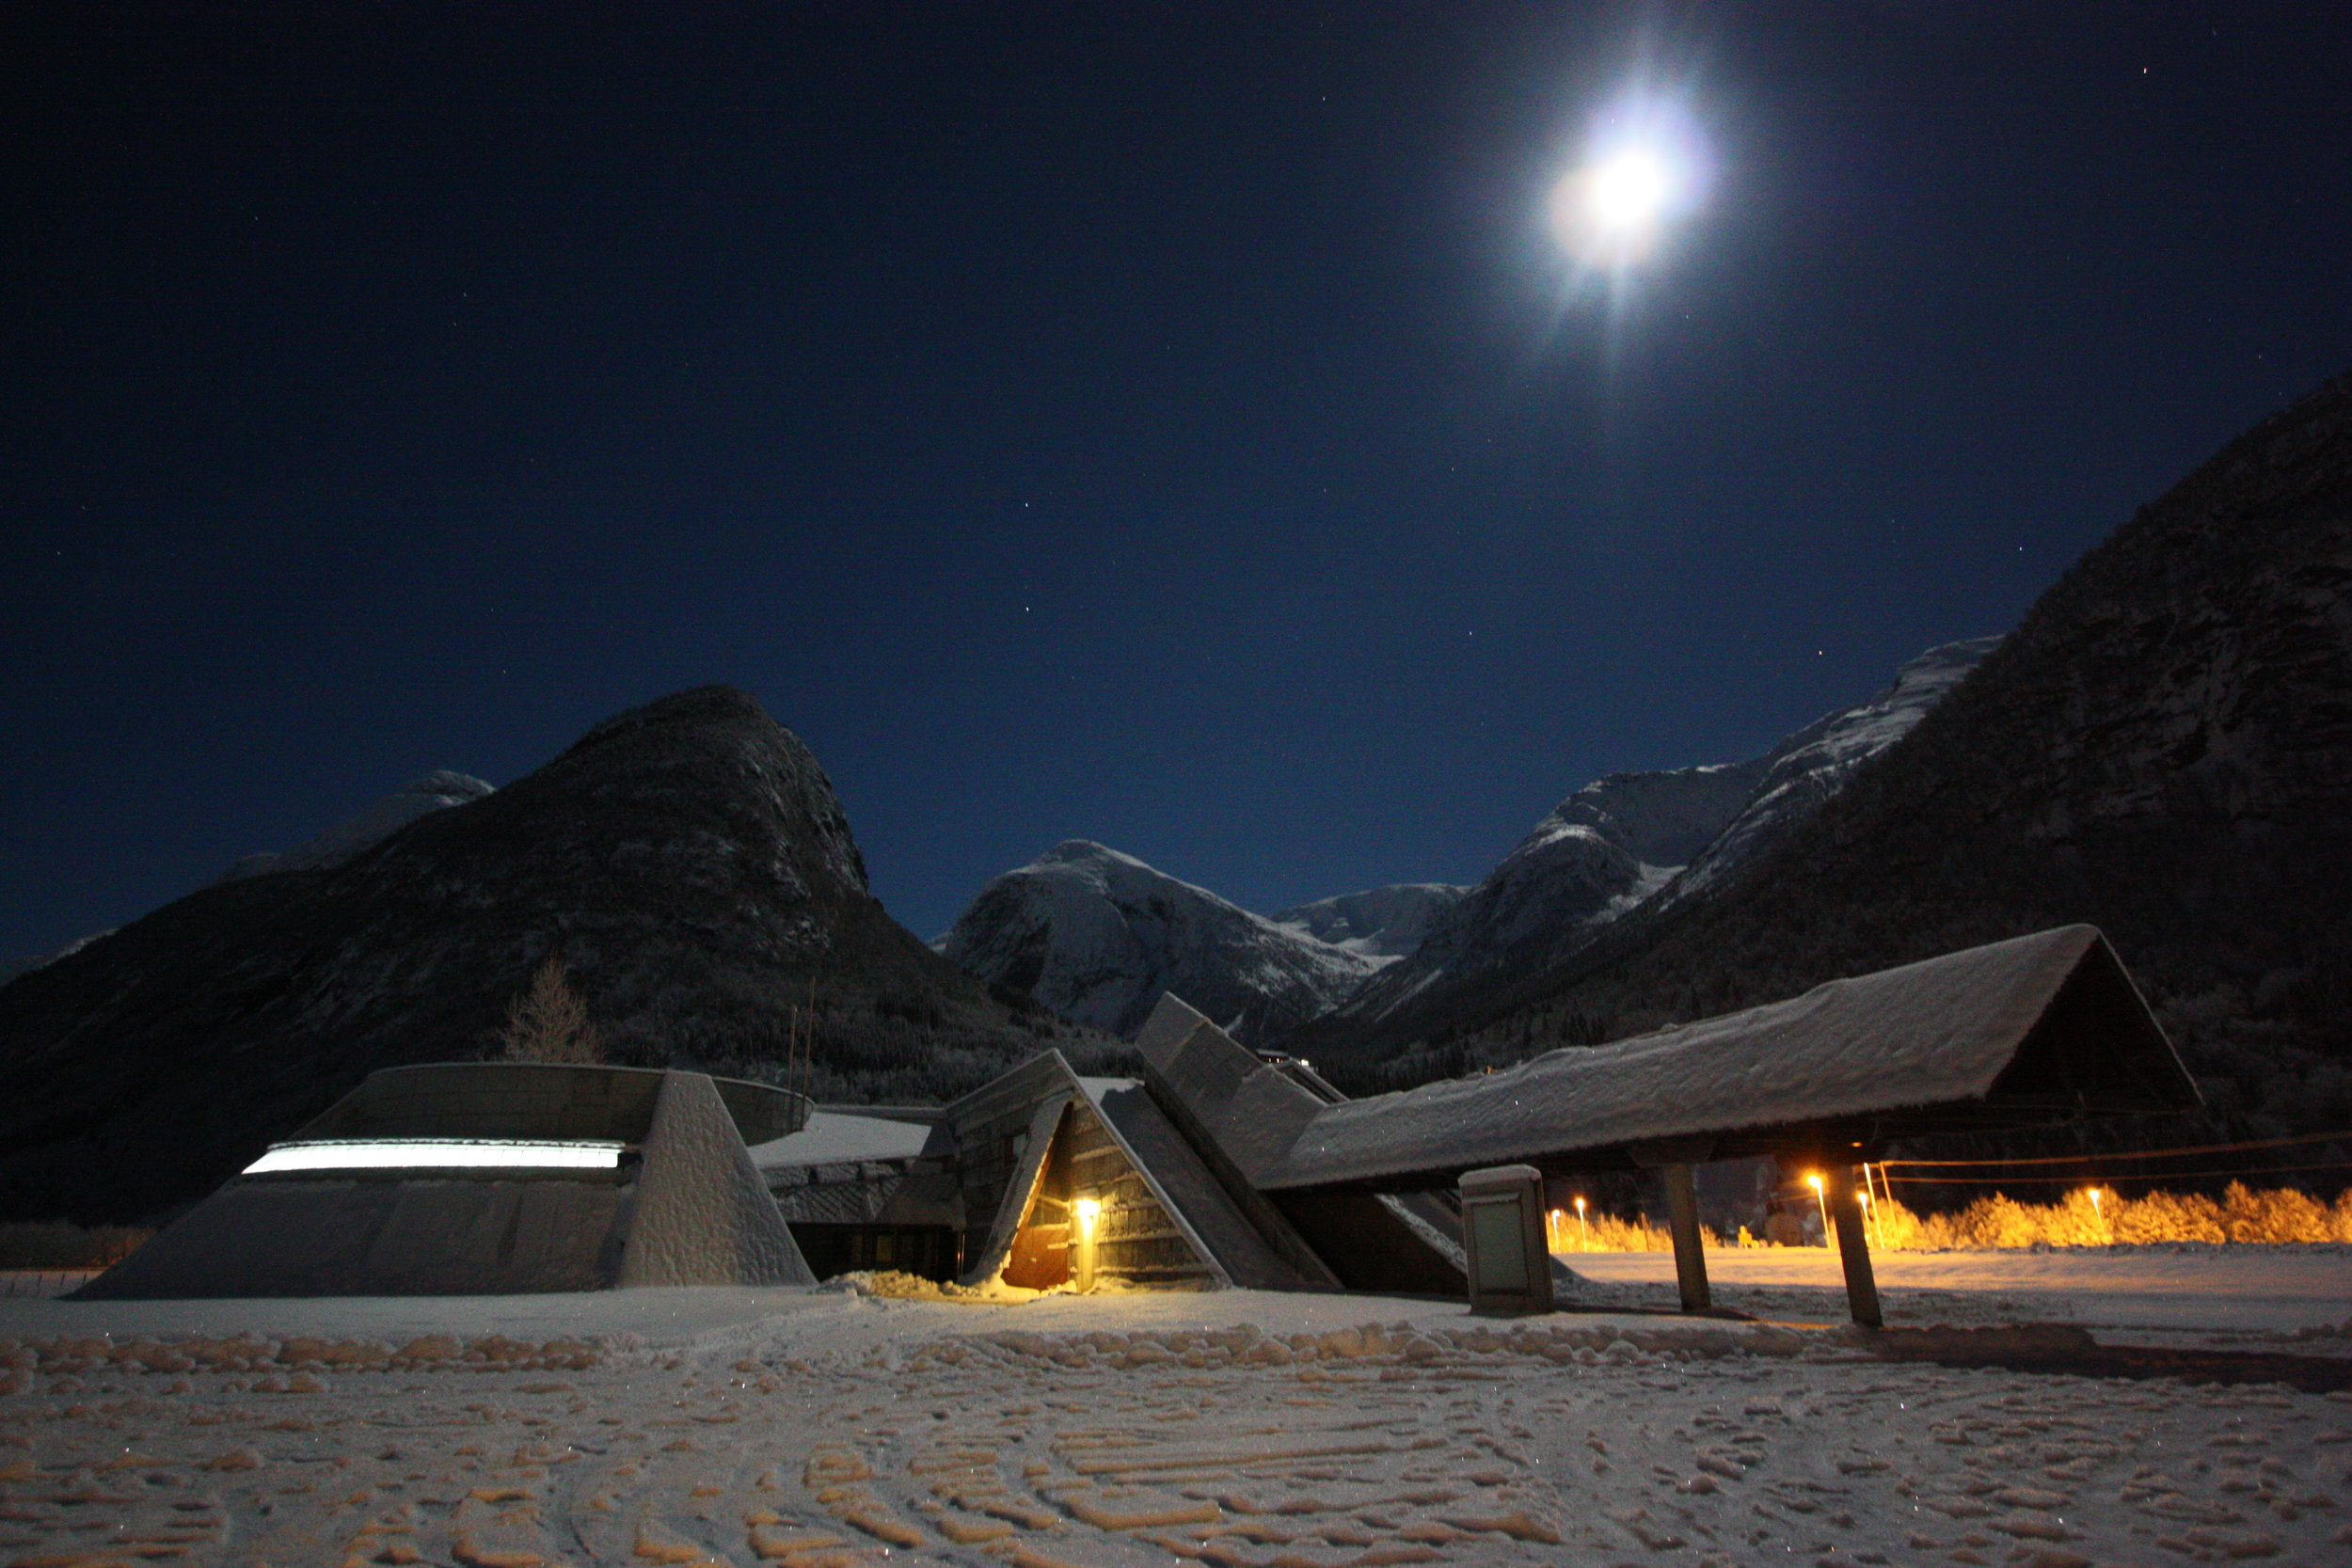 Le Musée du Glacier au clair de lune par une nuit d'hiver. Photo : Gaute Dvergsdal Bøyum)